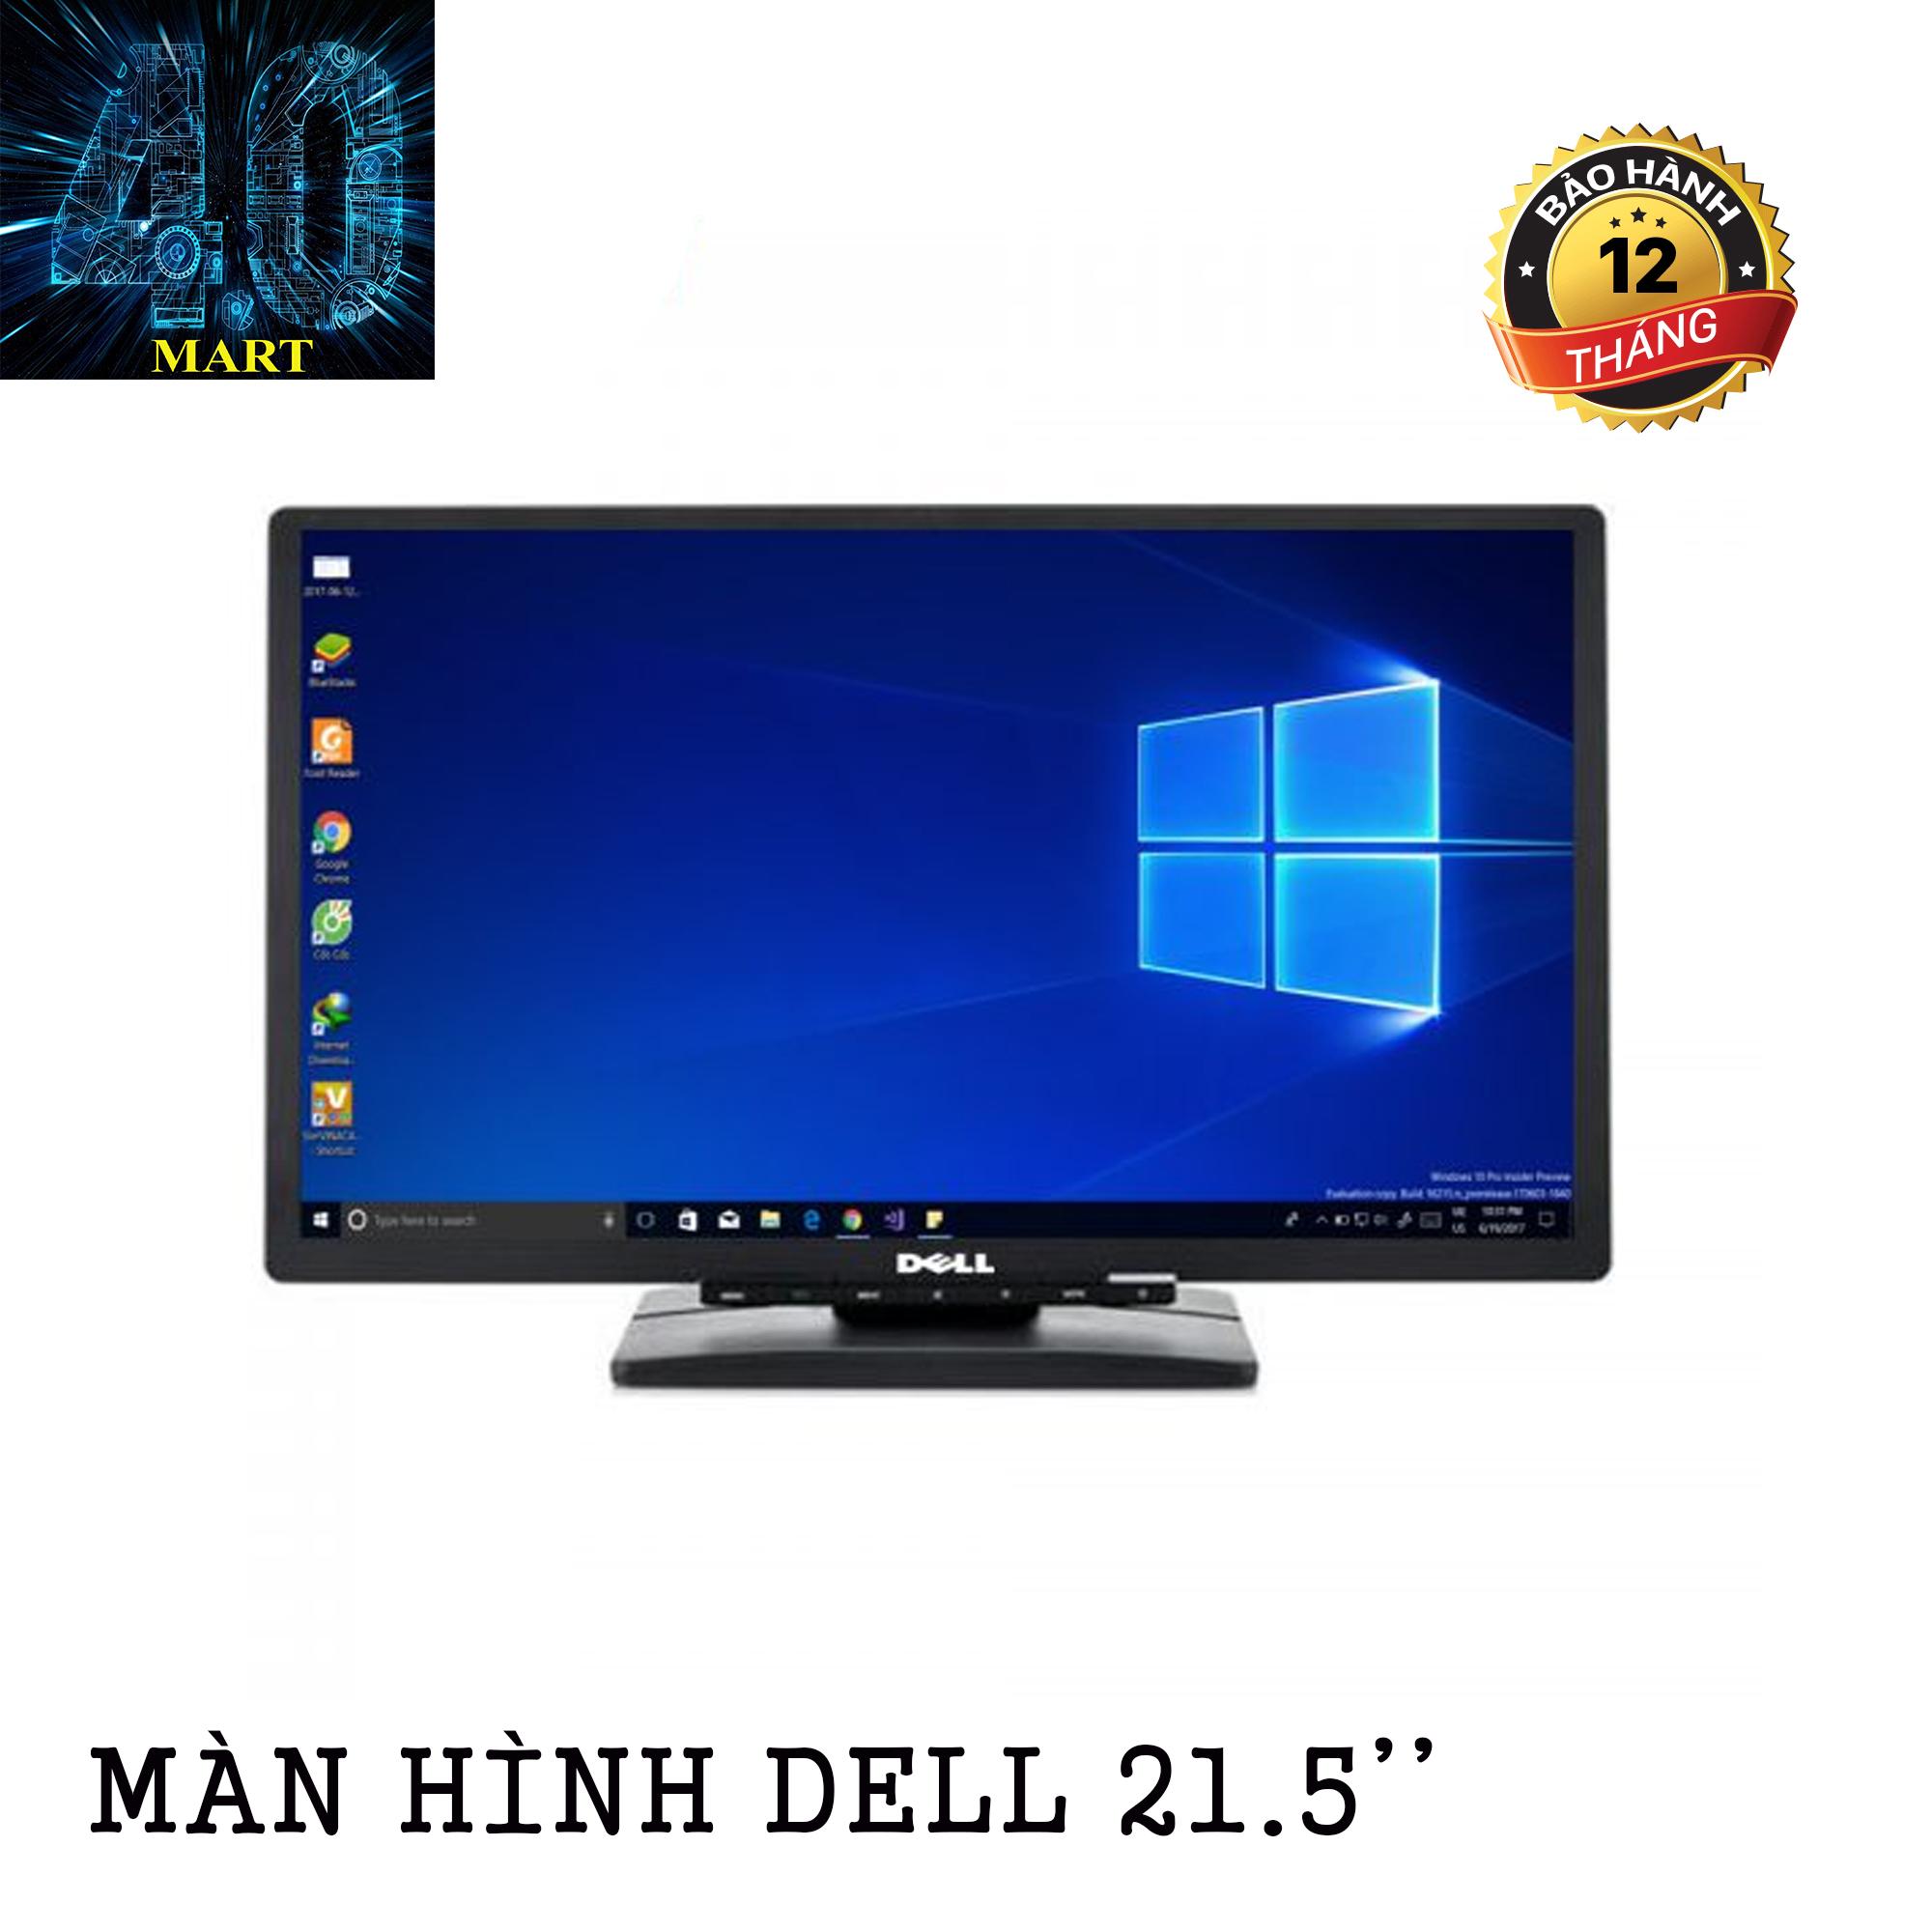 Màn Hình Dell W22RN (21.5″/FHD/LED/HDMI+DVI+VGA/250 cd/m²/2ms)-FULL BOX ( Cổng HDMI sẽ tùy vào đợt màn hình, Khách cần hỗ trợ Inbox hoặc liên hệ sđt để được hỗ trợ kỹ hơn ạ)